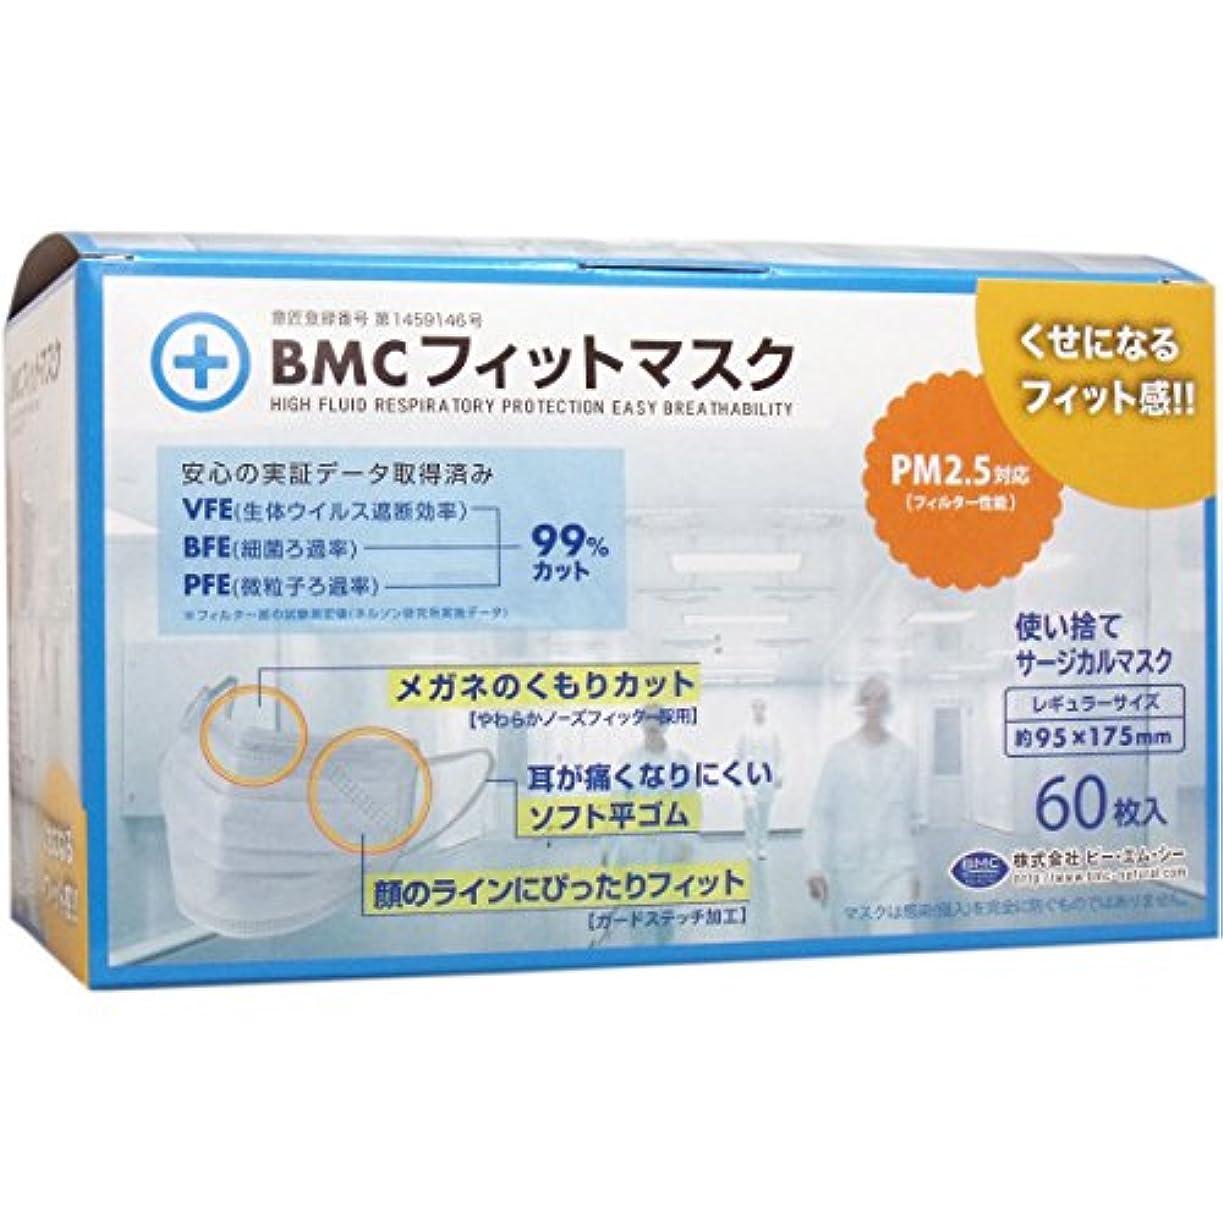 土曜日実装するシーン【セット品】(PM2.5対応)BMC フィットマスク 使い捨てサージカルマスク レギュラーサイズ 60枚入【×8個】